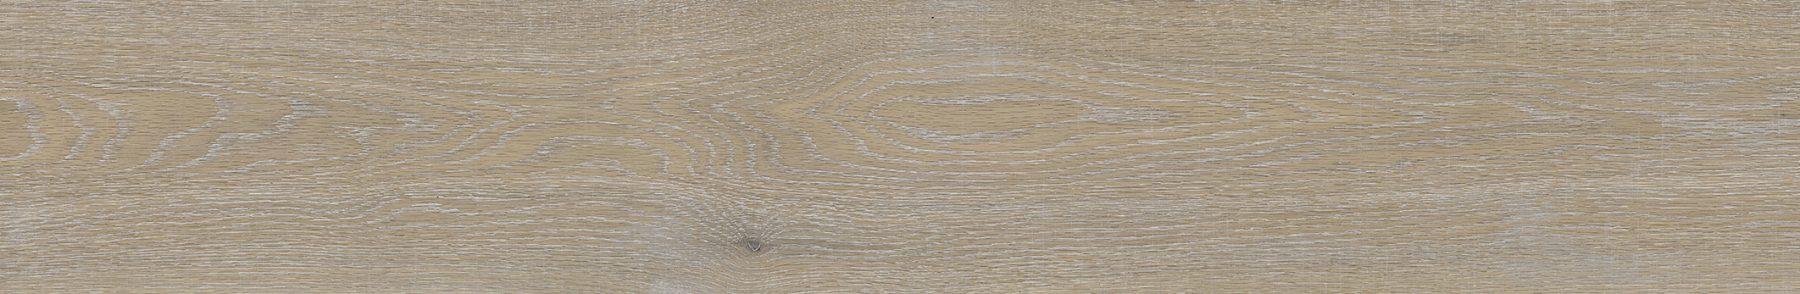 Porcelanosa Devon Riviera 29.4 x 180 cm